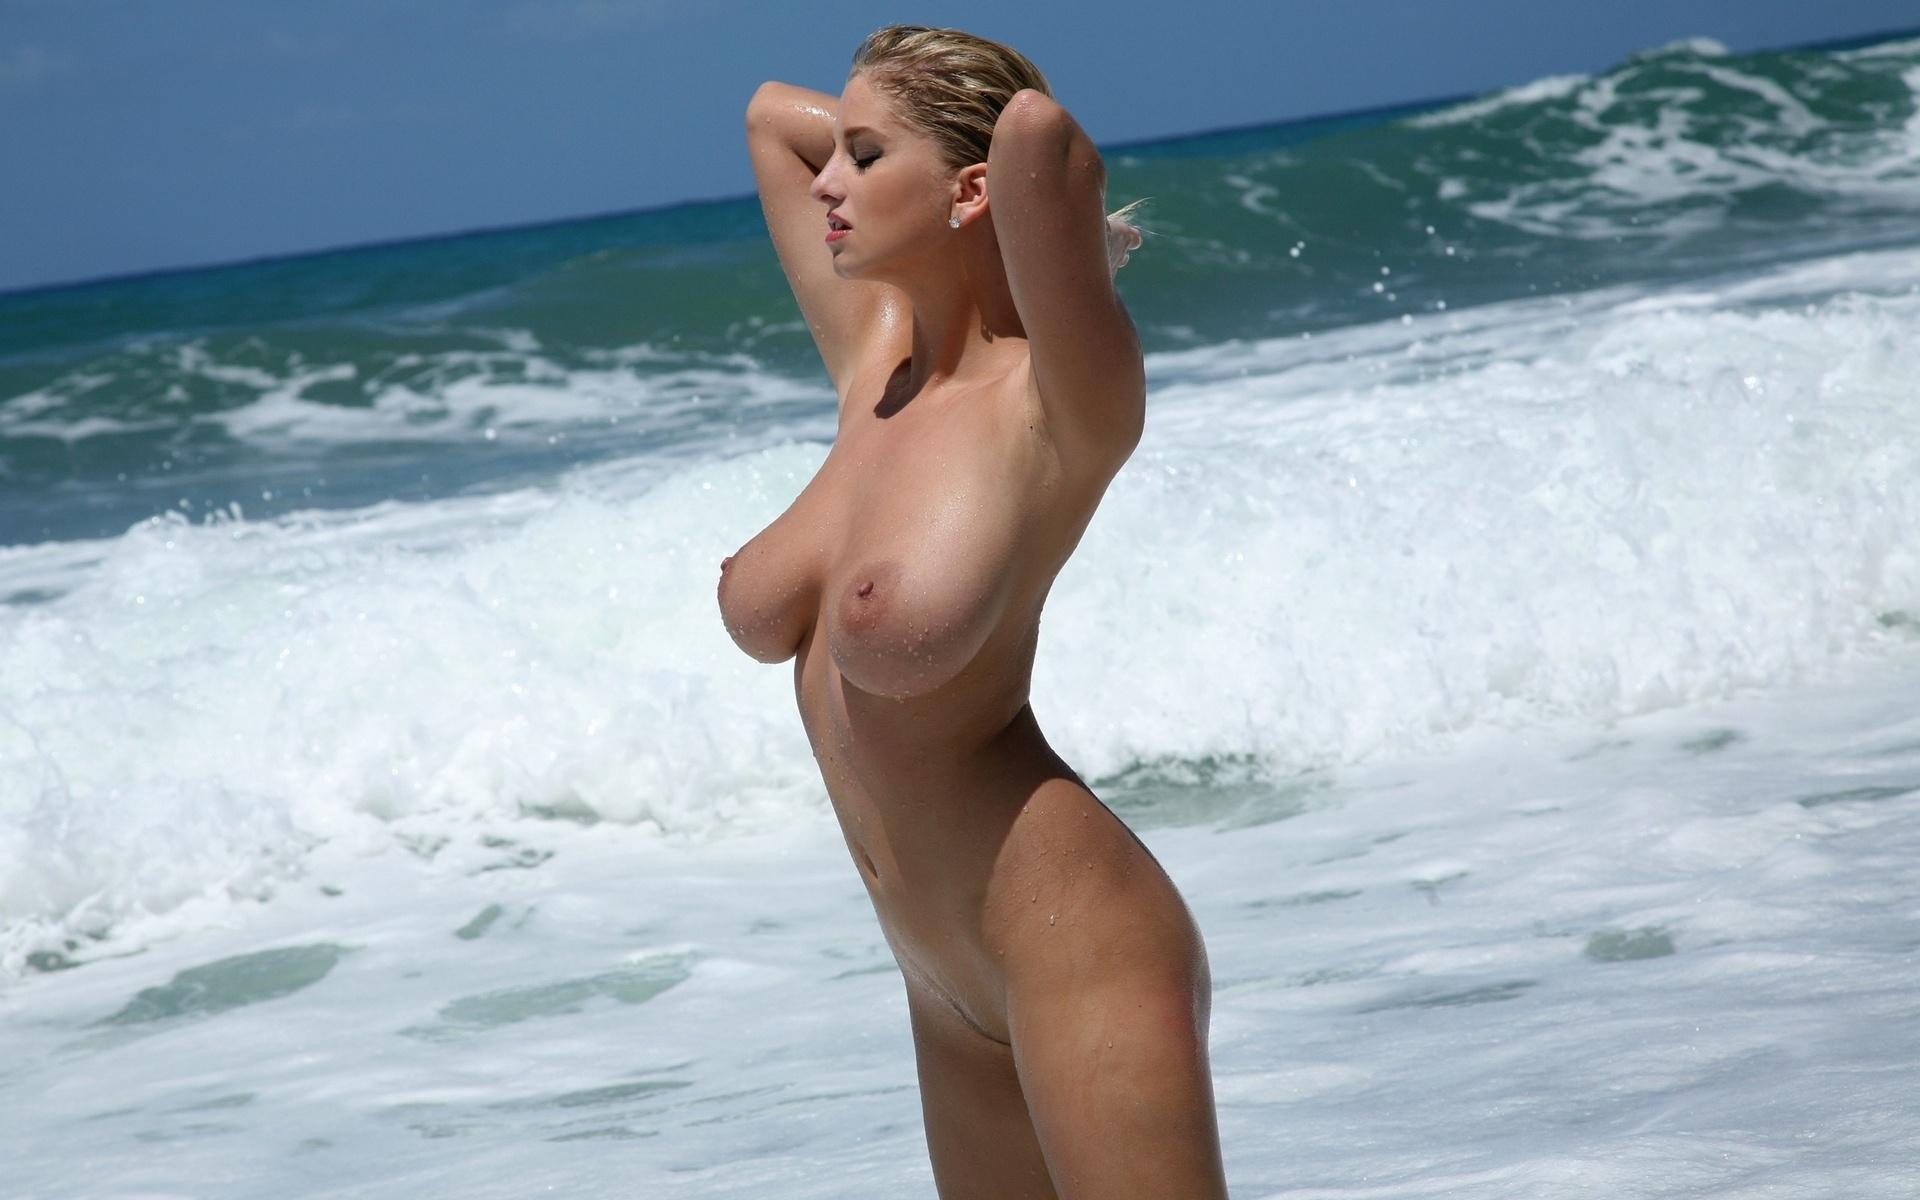 【ヌーディストビーチエロ画像】生で全裸女性が見れる浜辺があると聞いてwww 06